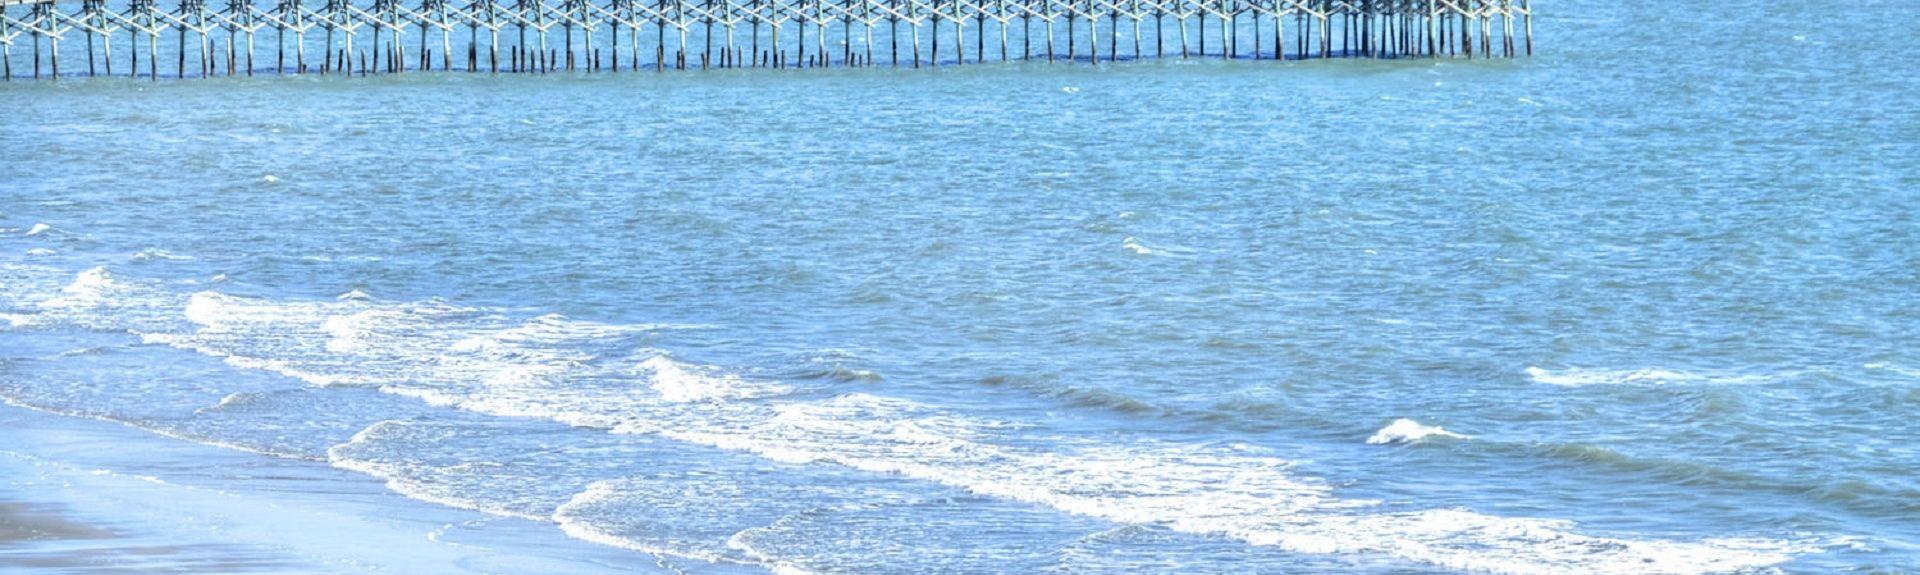 Oceans (North Myrtle Beach, Carolina do Sul, Estados Unidos)